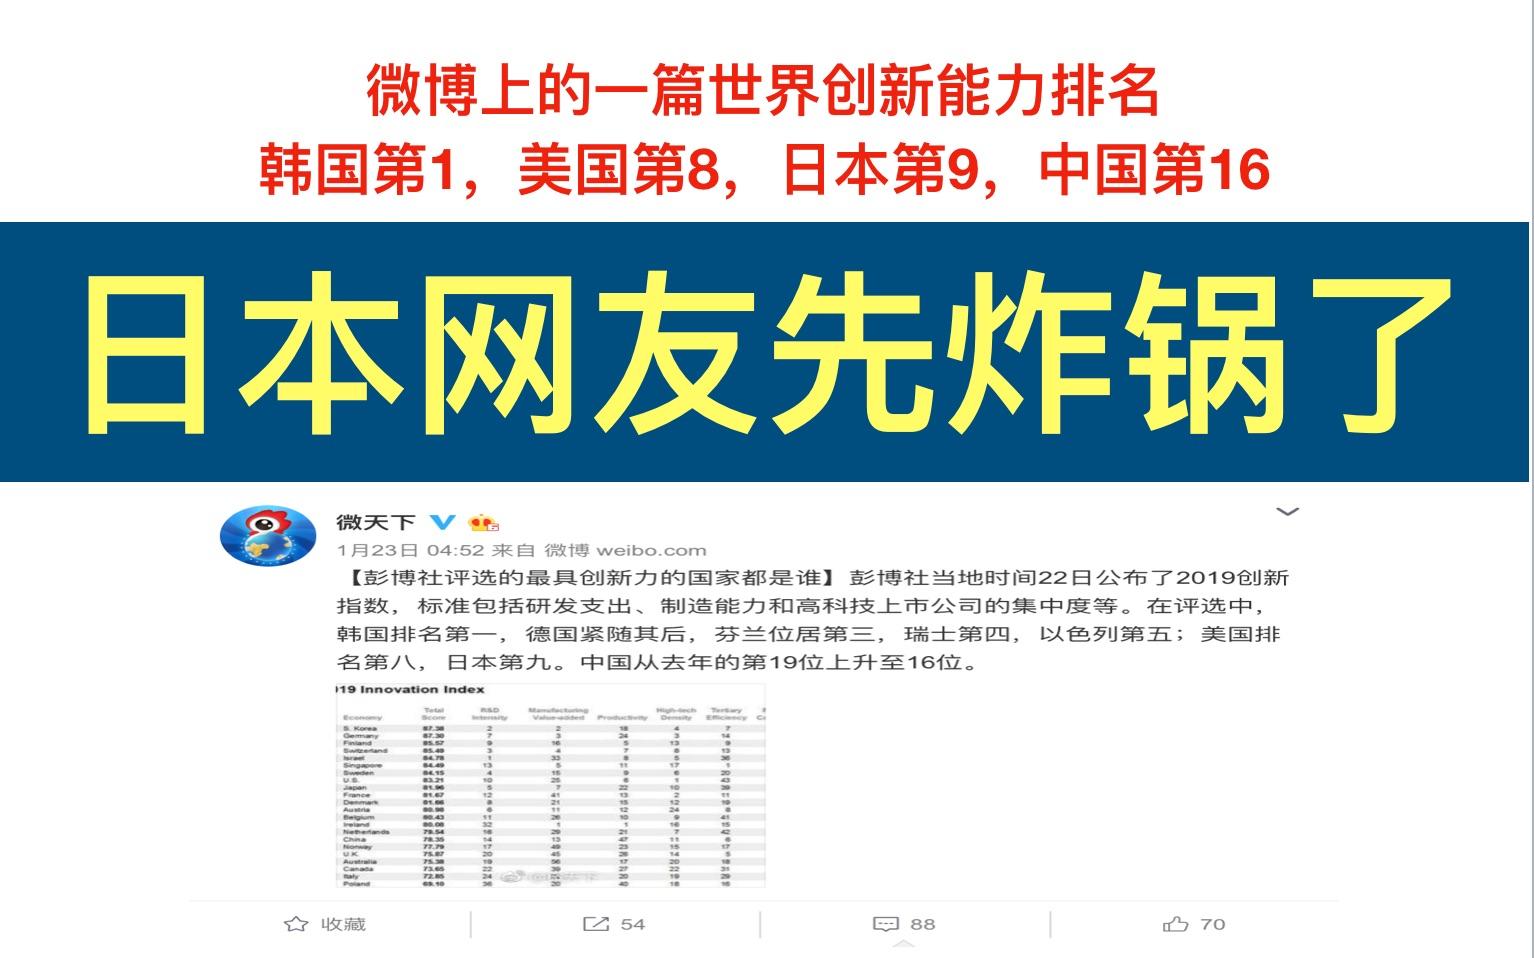 微博上的一篇世界国家创新能力排名,韩国第一,中国第十六,日本网友先炸锅了